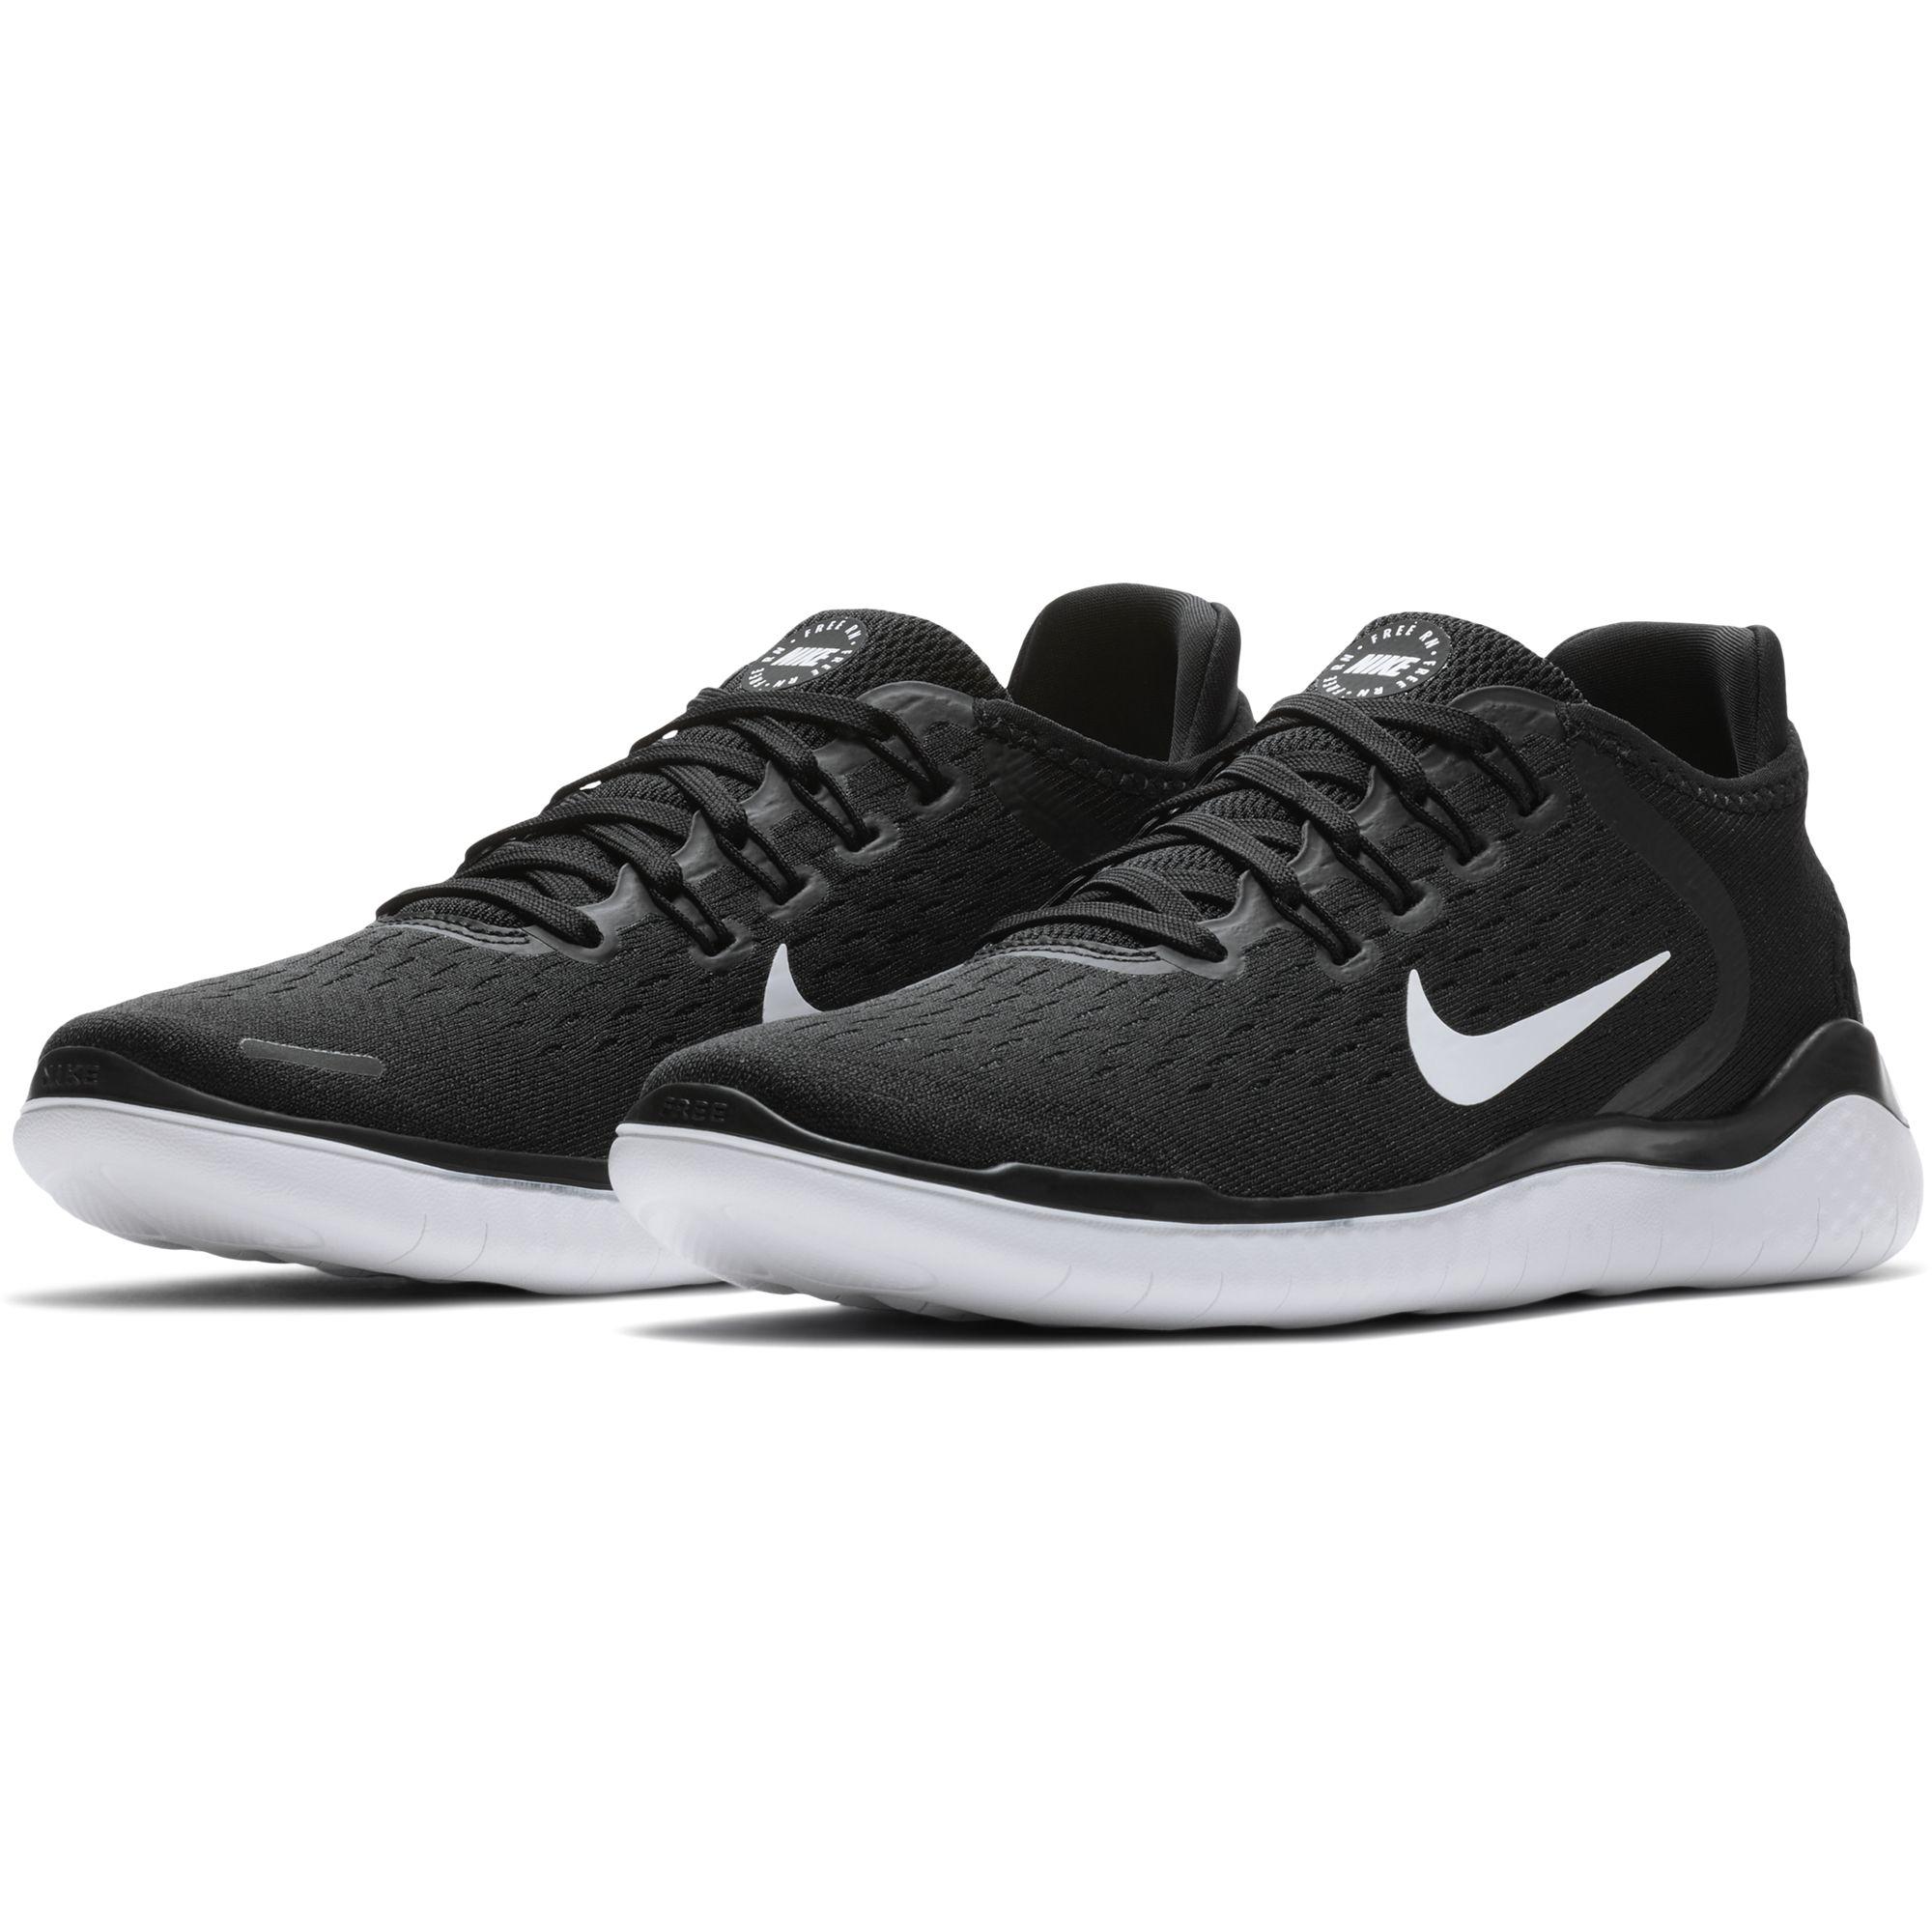 new style dfe38 088b8 Nike Free Run 2018 Herren Laufschuhe Running Freizeitschuhe schwarz ...